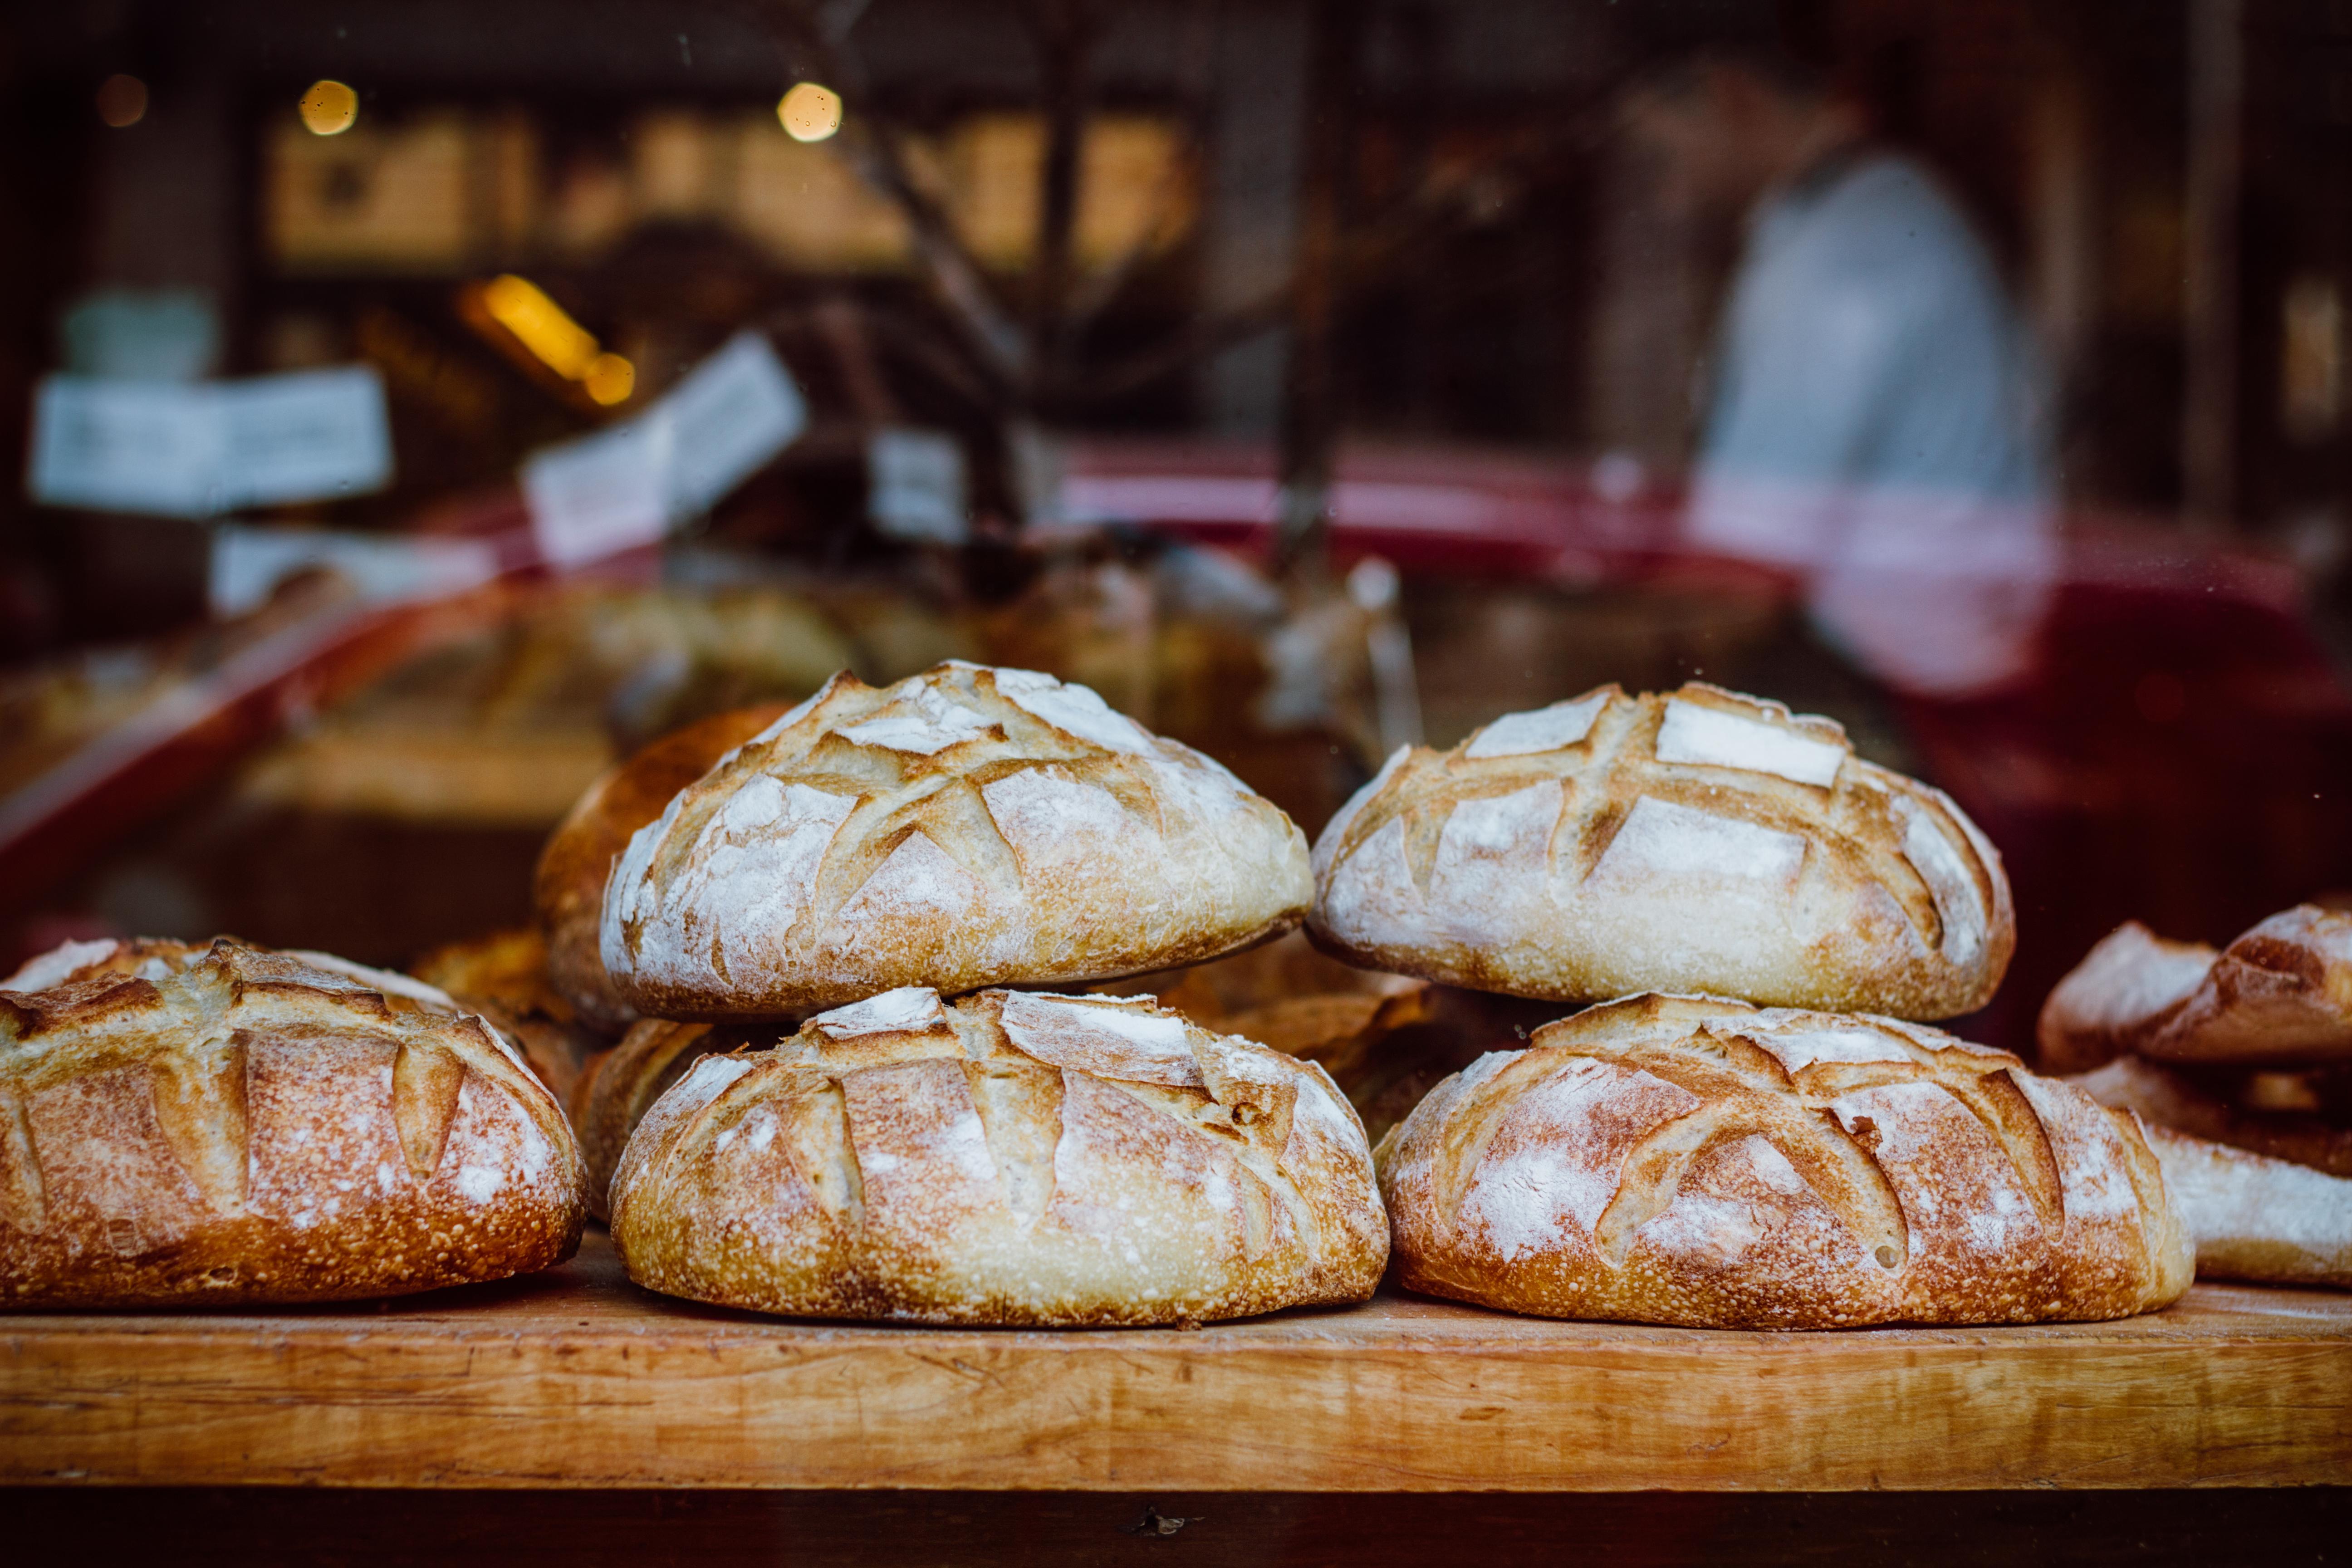 Bröd och bageriprodukter inehåller en högre halt av gluten numera beroende på att degen får jäsa kortare tid.